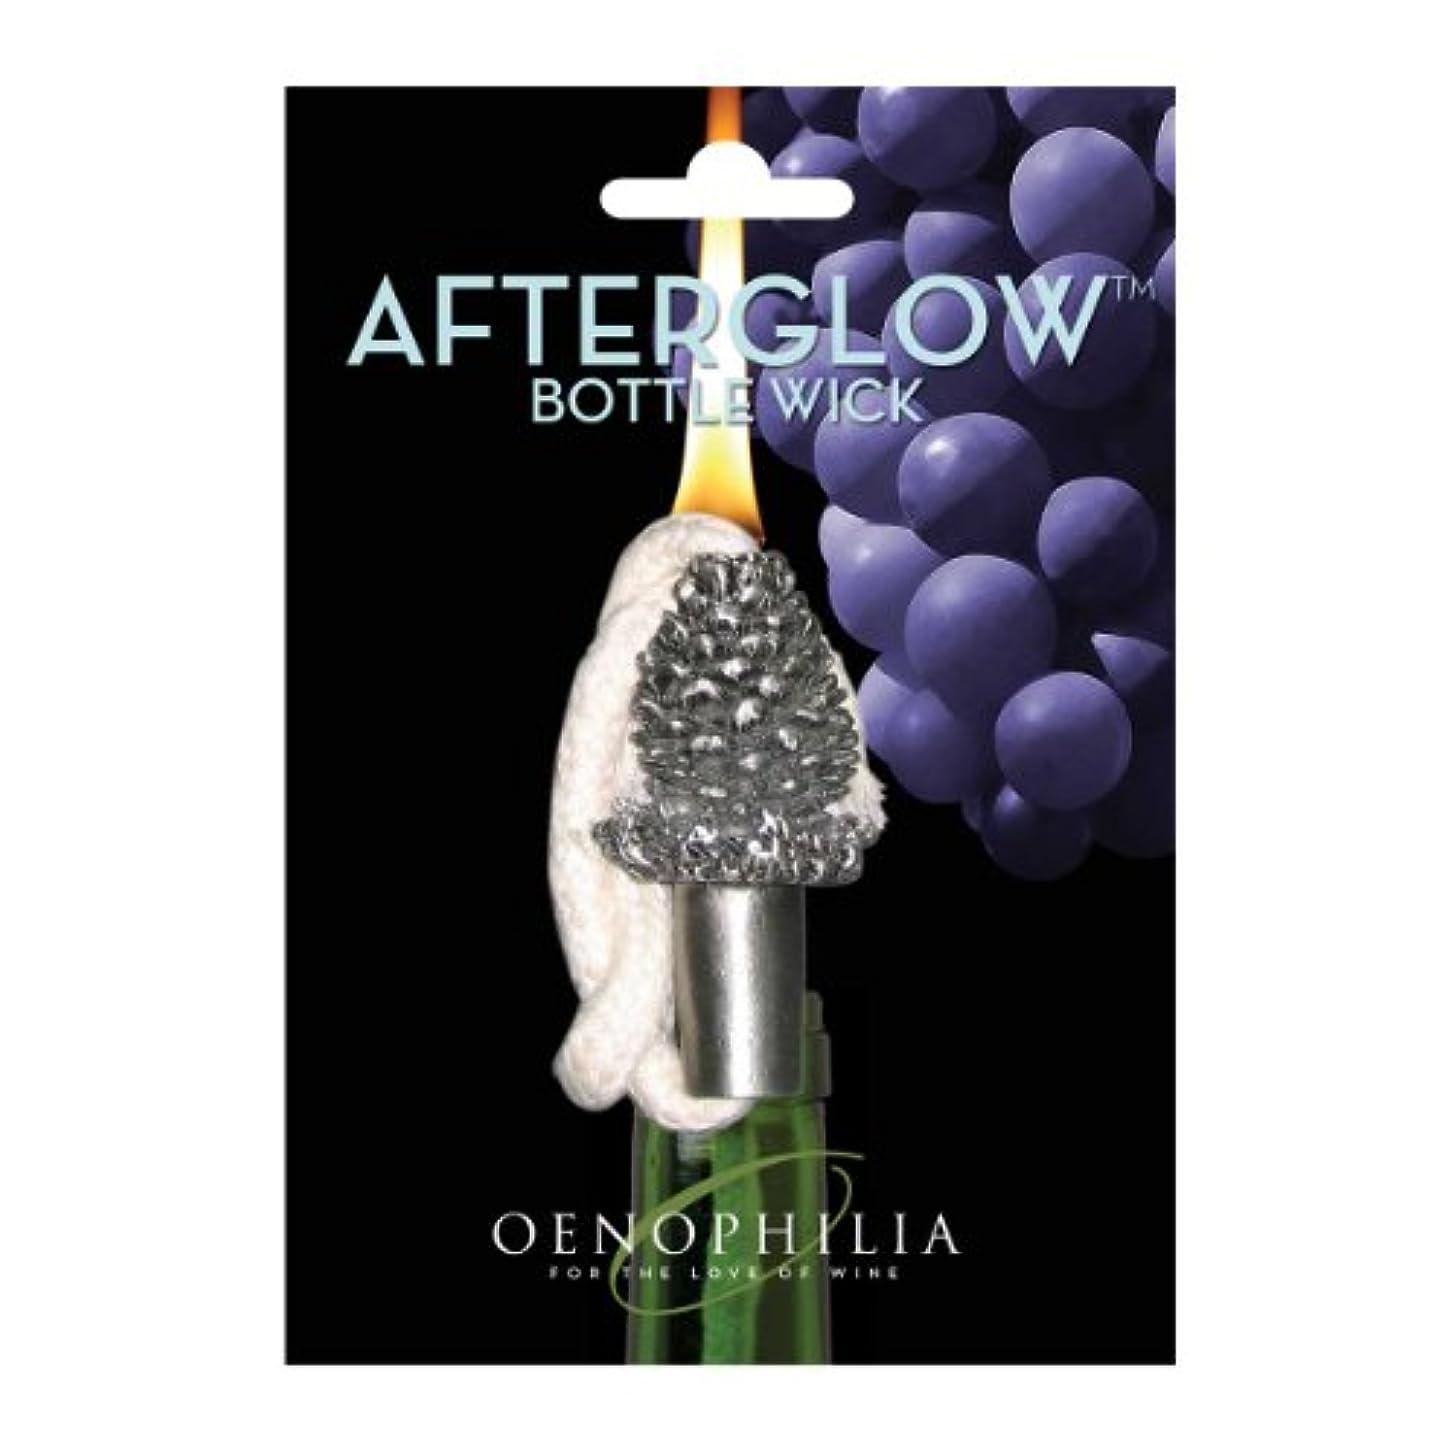 チェスをするメロディー島Oenophilia Afterglow Bottle Wick - Pinecone by Oenophilia [並行輸入品]